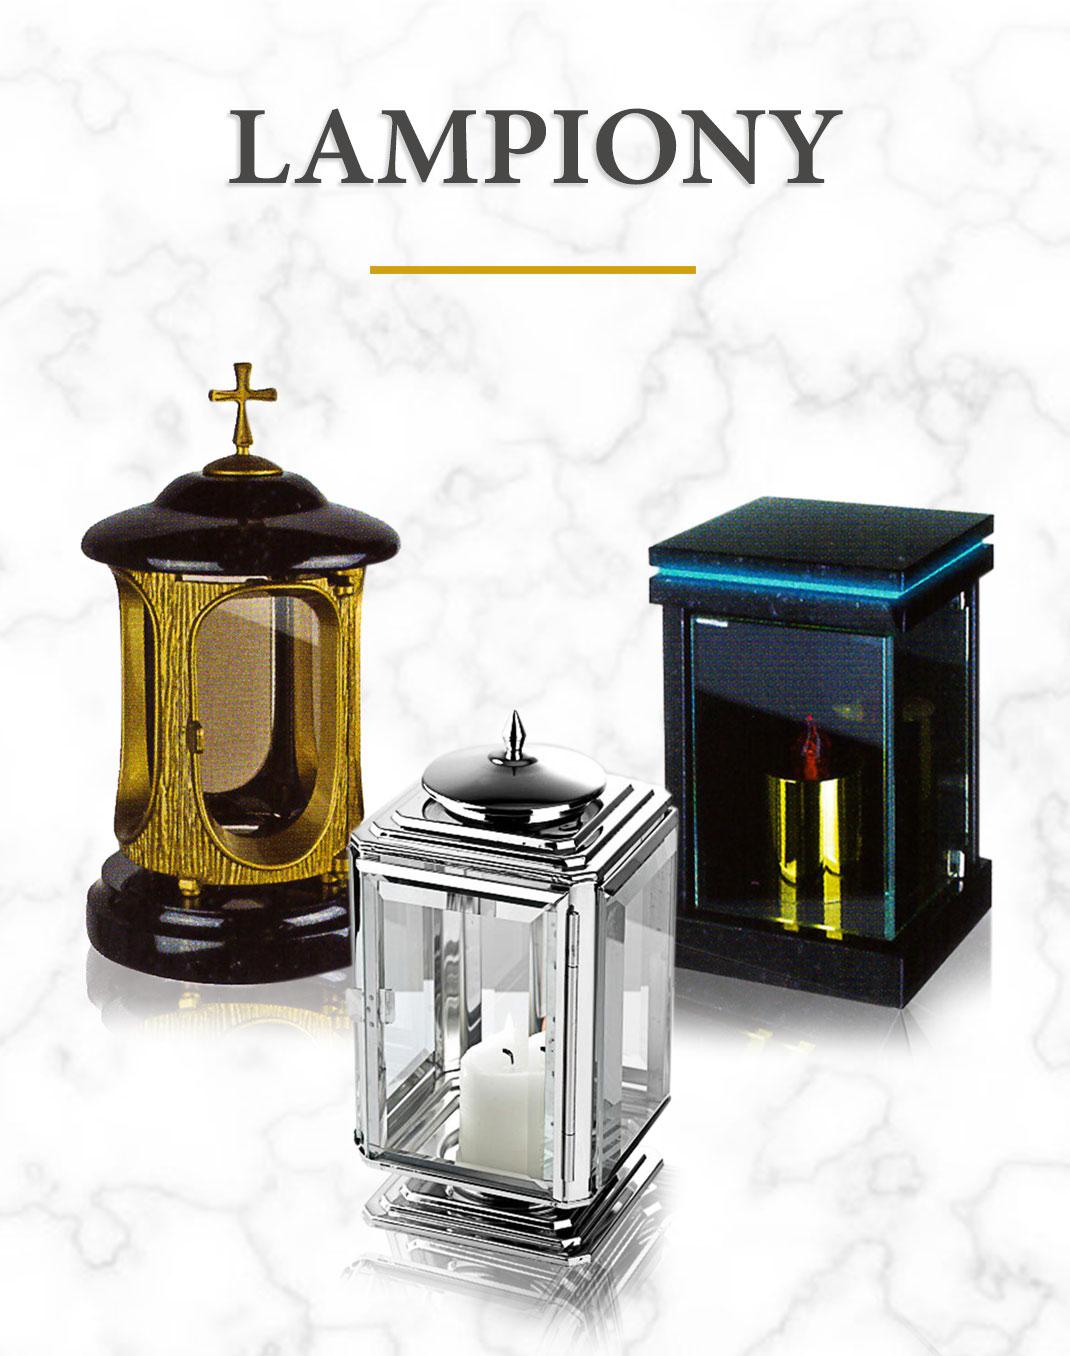 Lampiony nagrobkowe